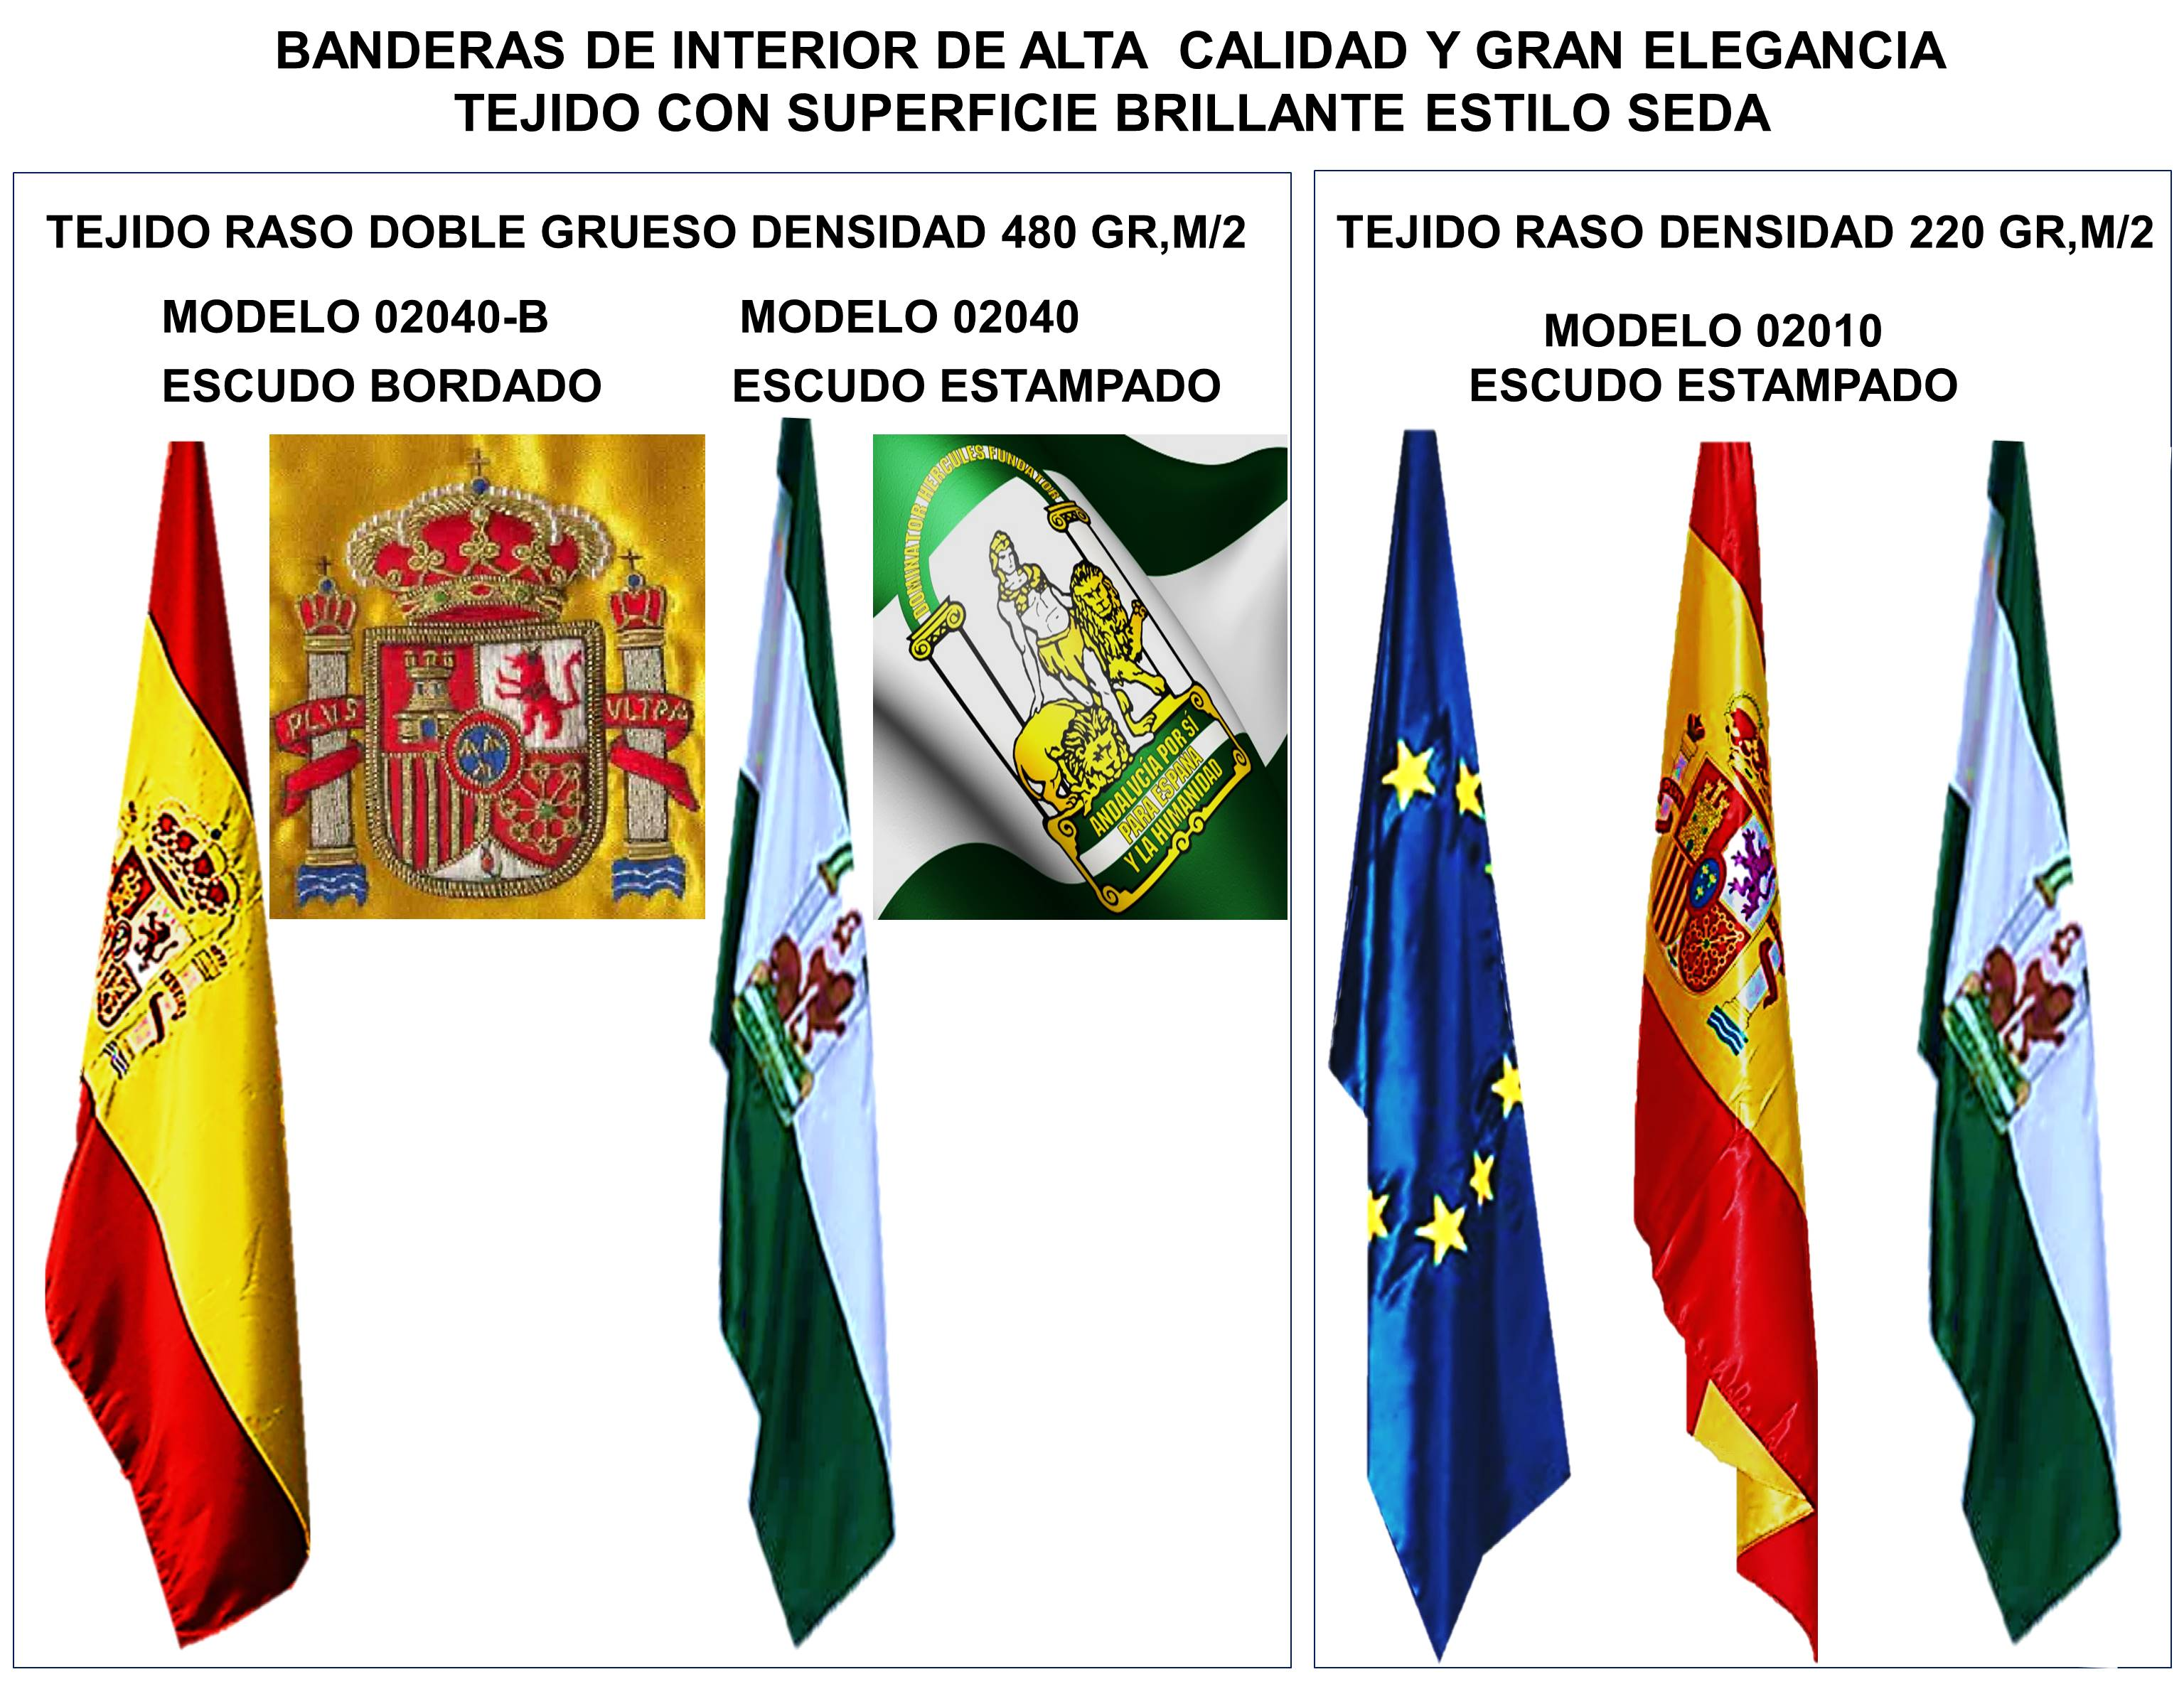 Banderas para interior oficinas despachos fabricacion y venta de todos los paises del mundo comunidad autonomía localidad personalizadas